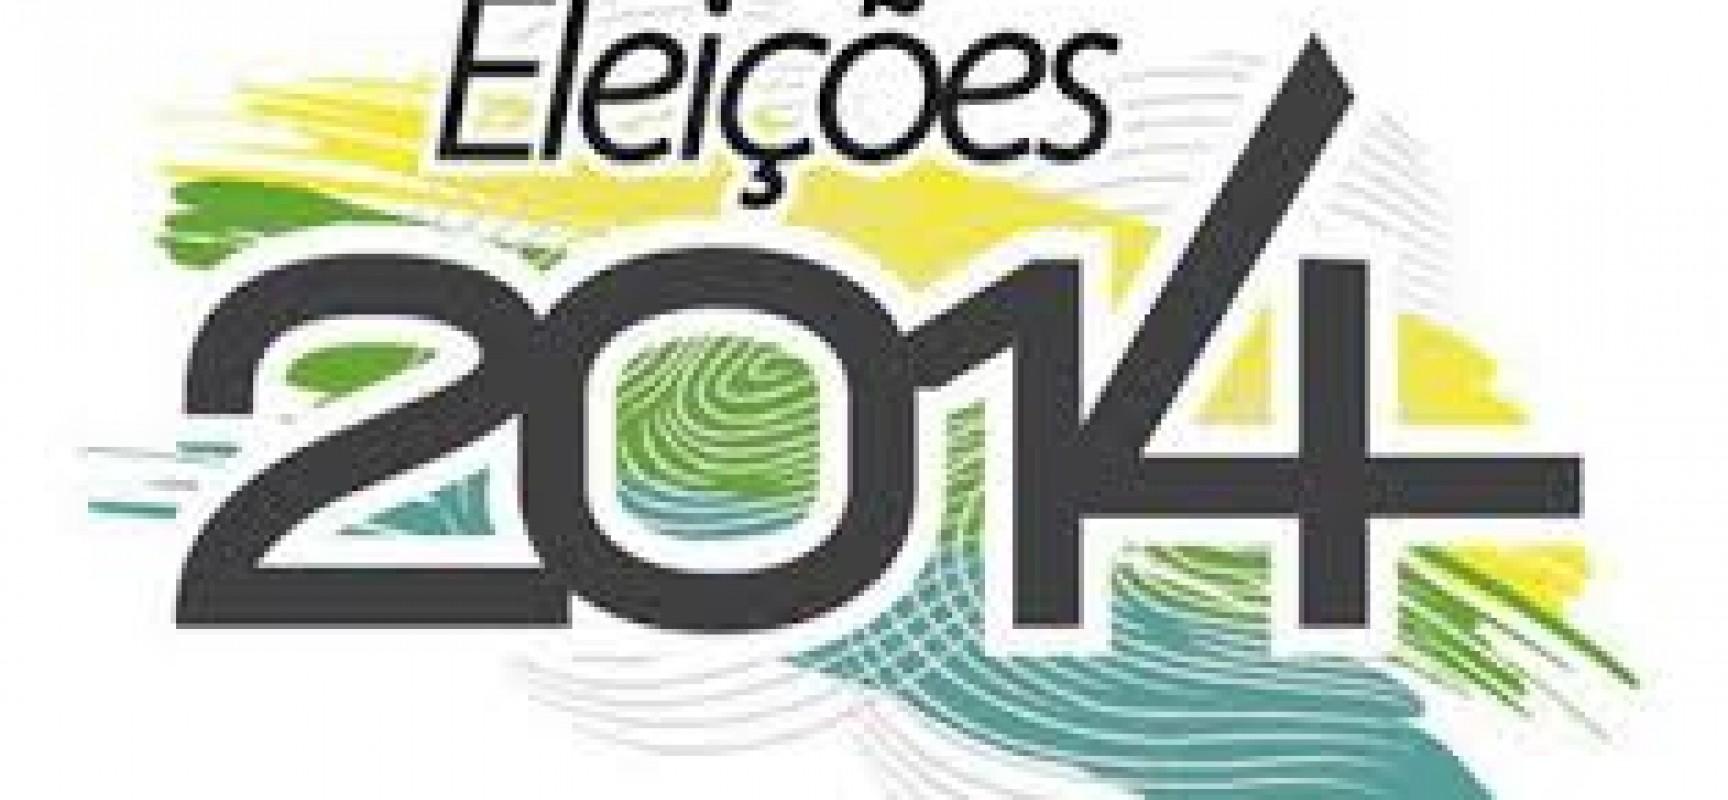 Vota O Para Brasileiros No Exterior J Foi Encerrada Em 15 Pa Ses Folha Do Progresso Portal